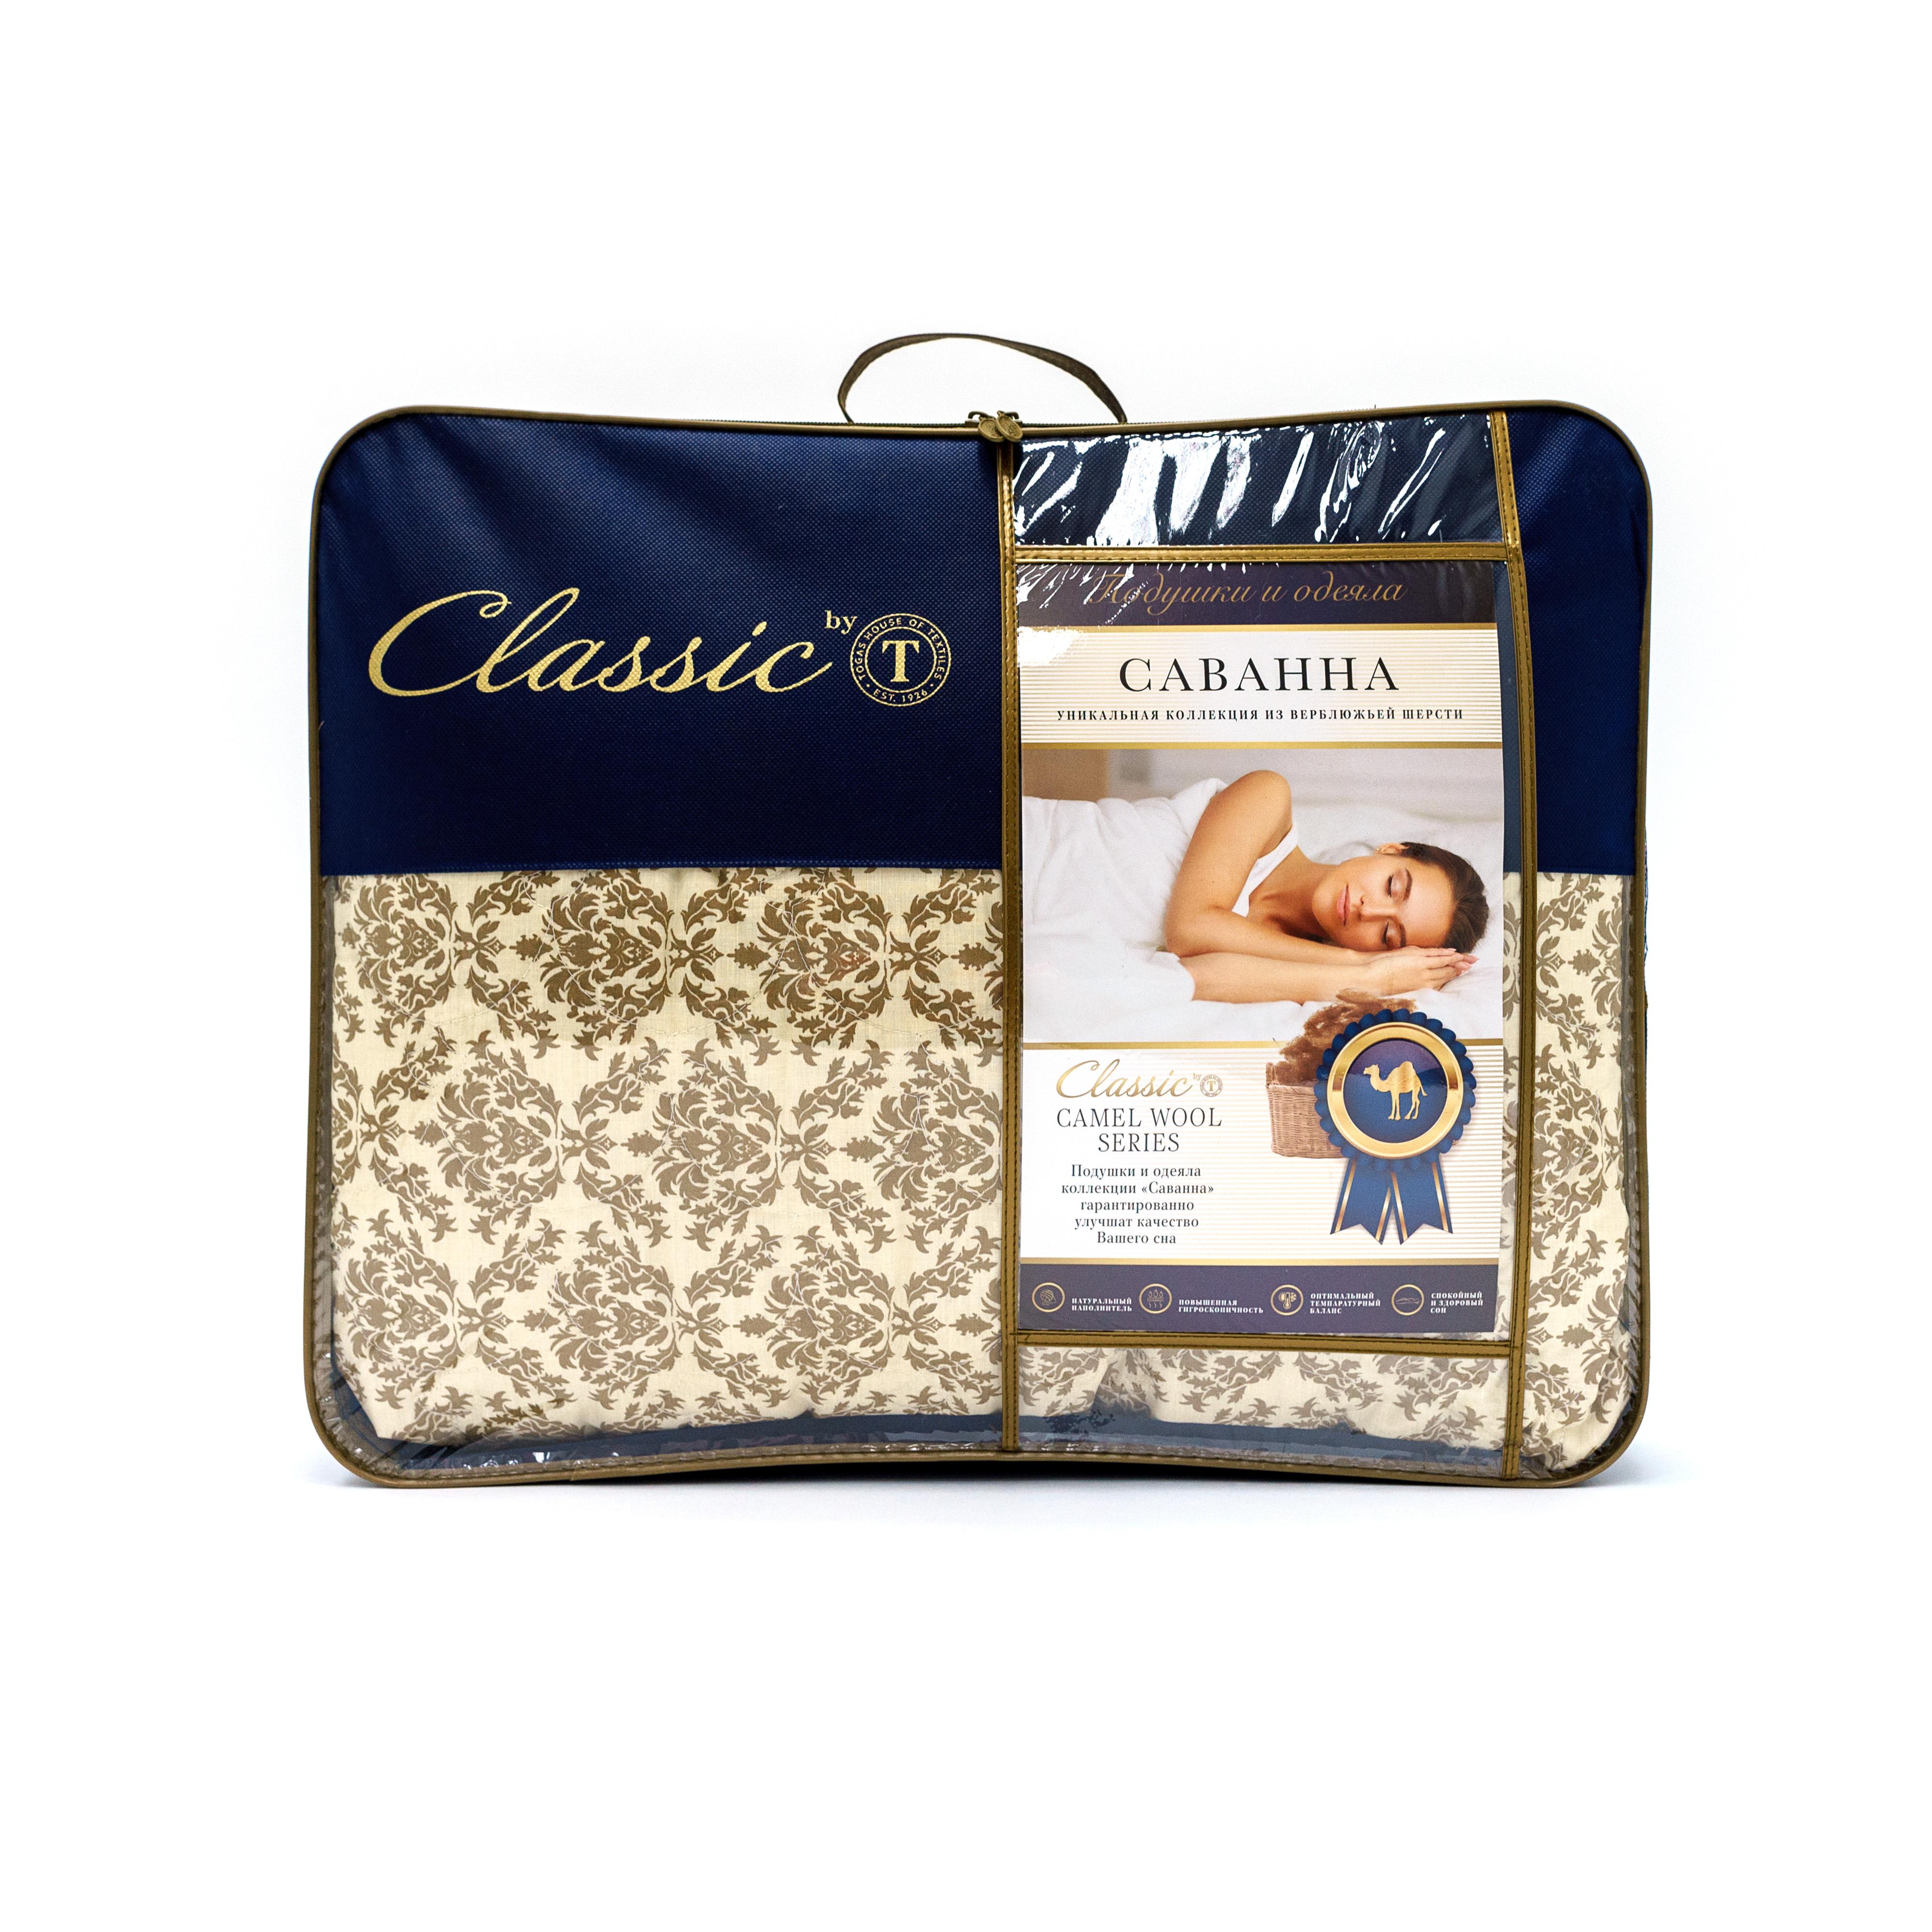 Одеяла CLASSIC by T Одеяло Саванна (140х200 см) одеяло classic by t верблюжья шерсть